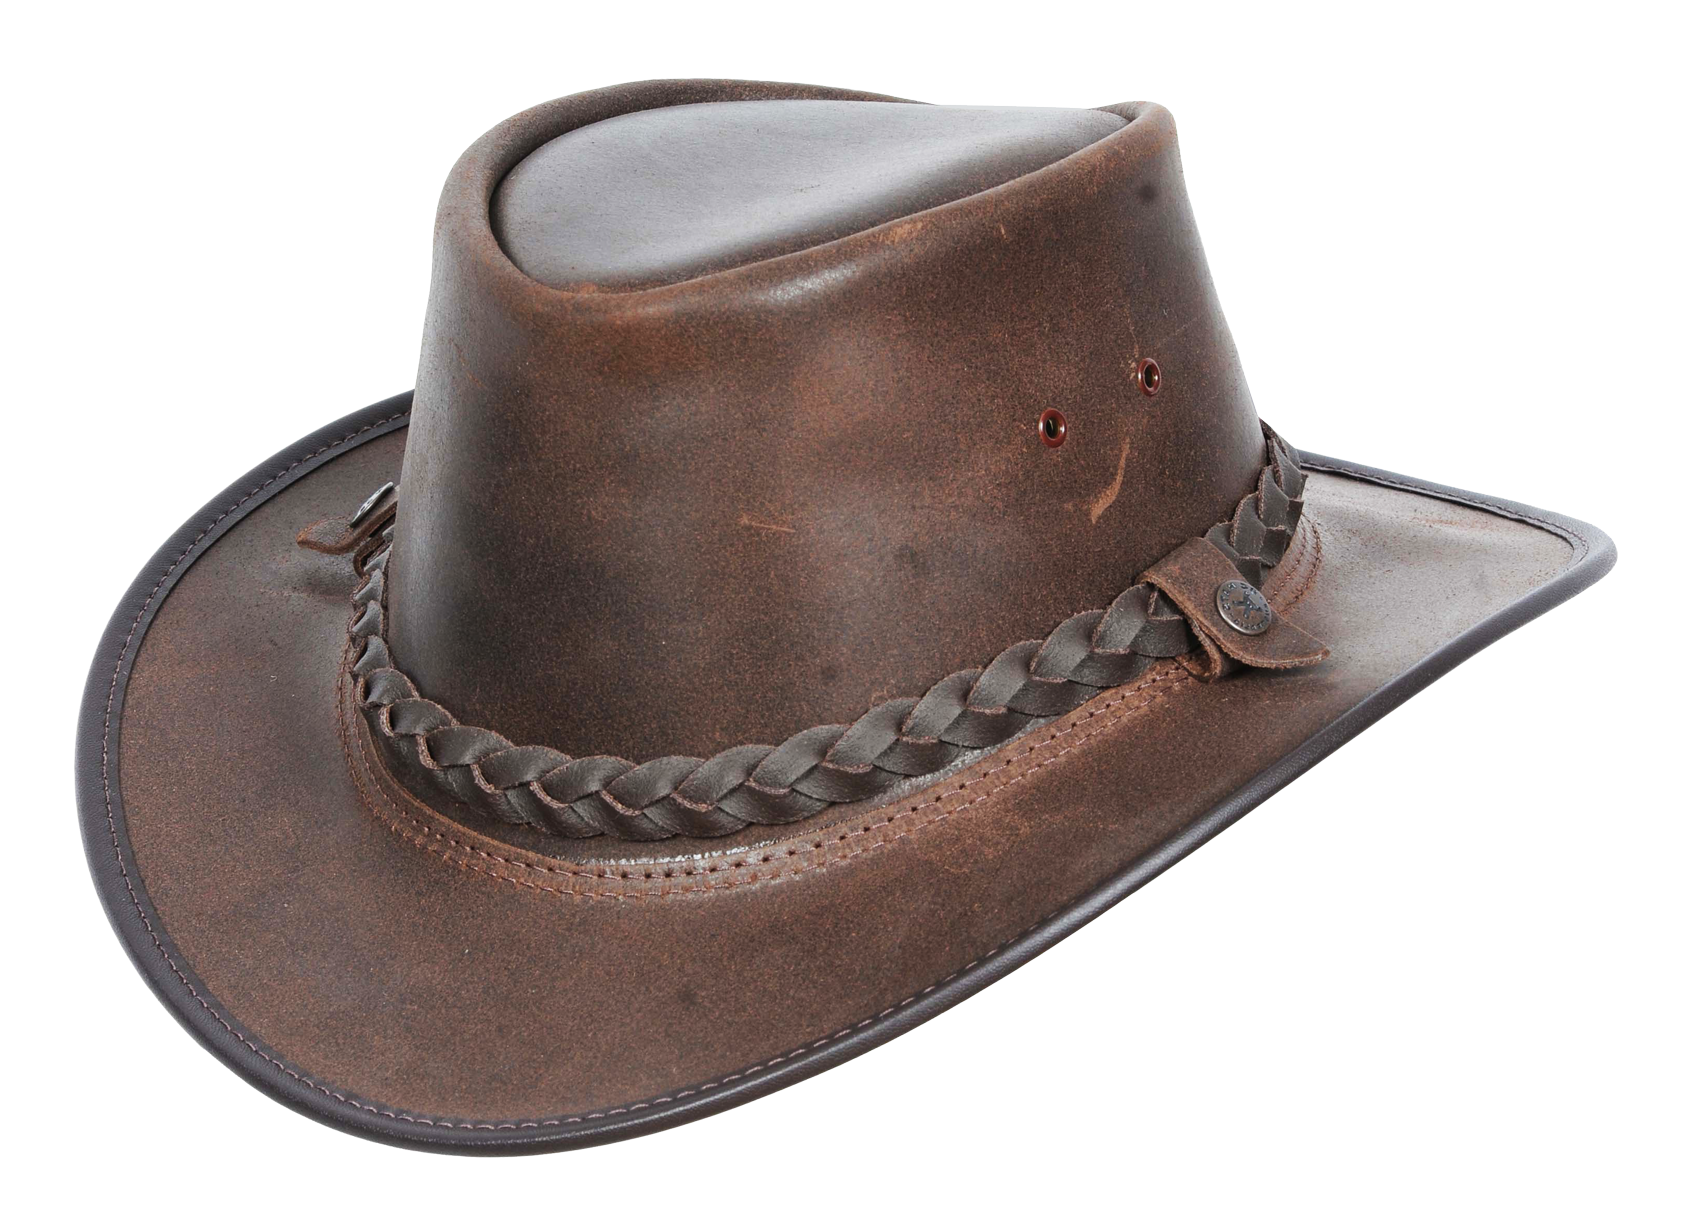 Cowboy Hat Png Image Cowboy Hats Cowboy Hats